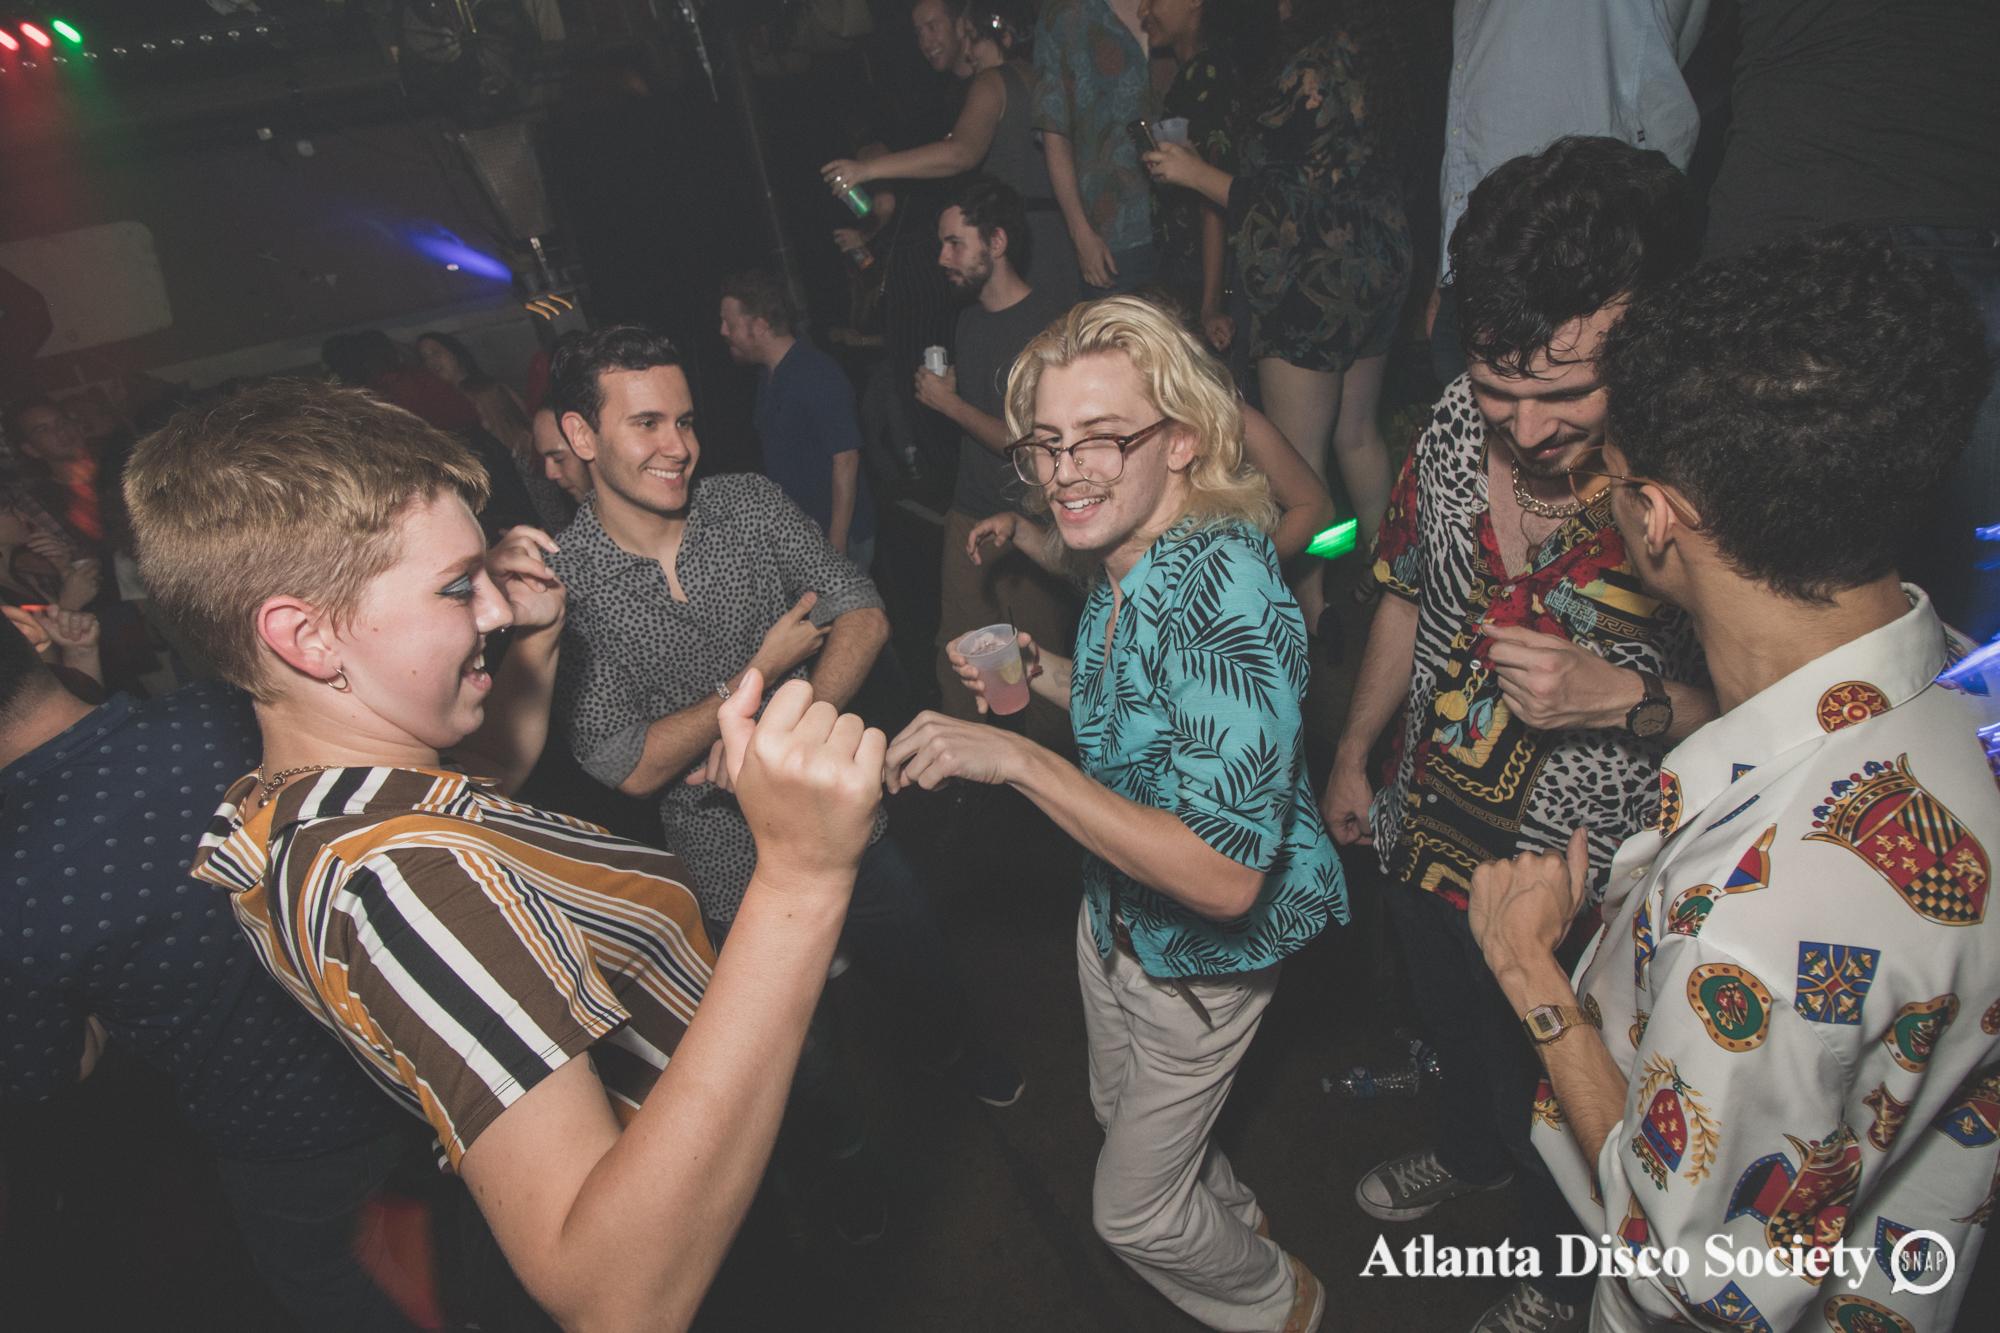 134Atlanta Disco Society Grace Kelly Oh Snap Kid 7.27.19.jpg